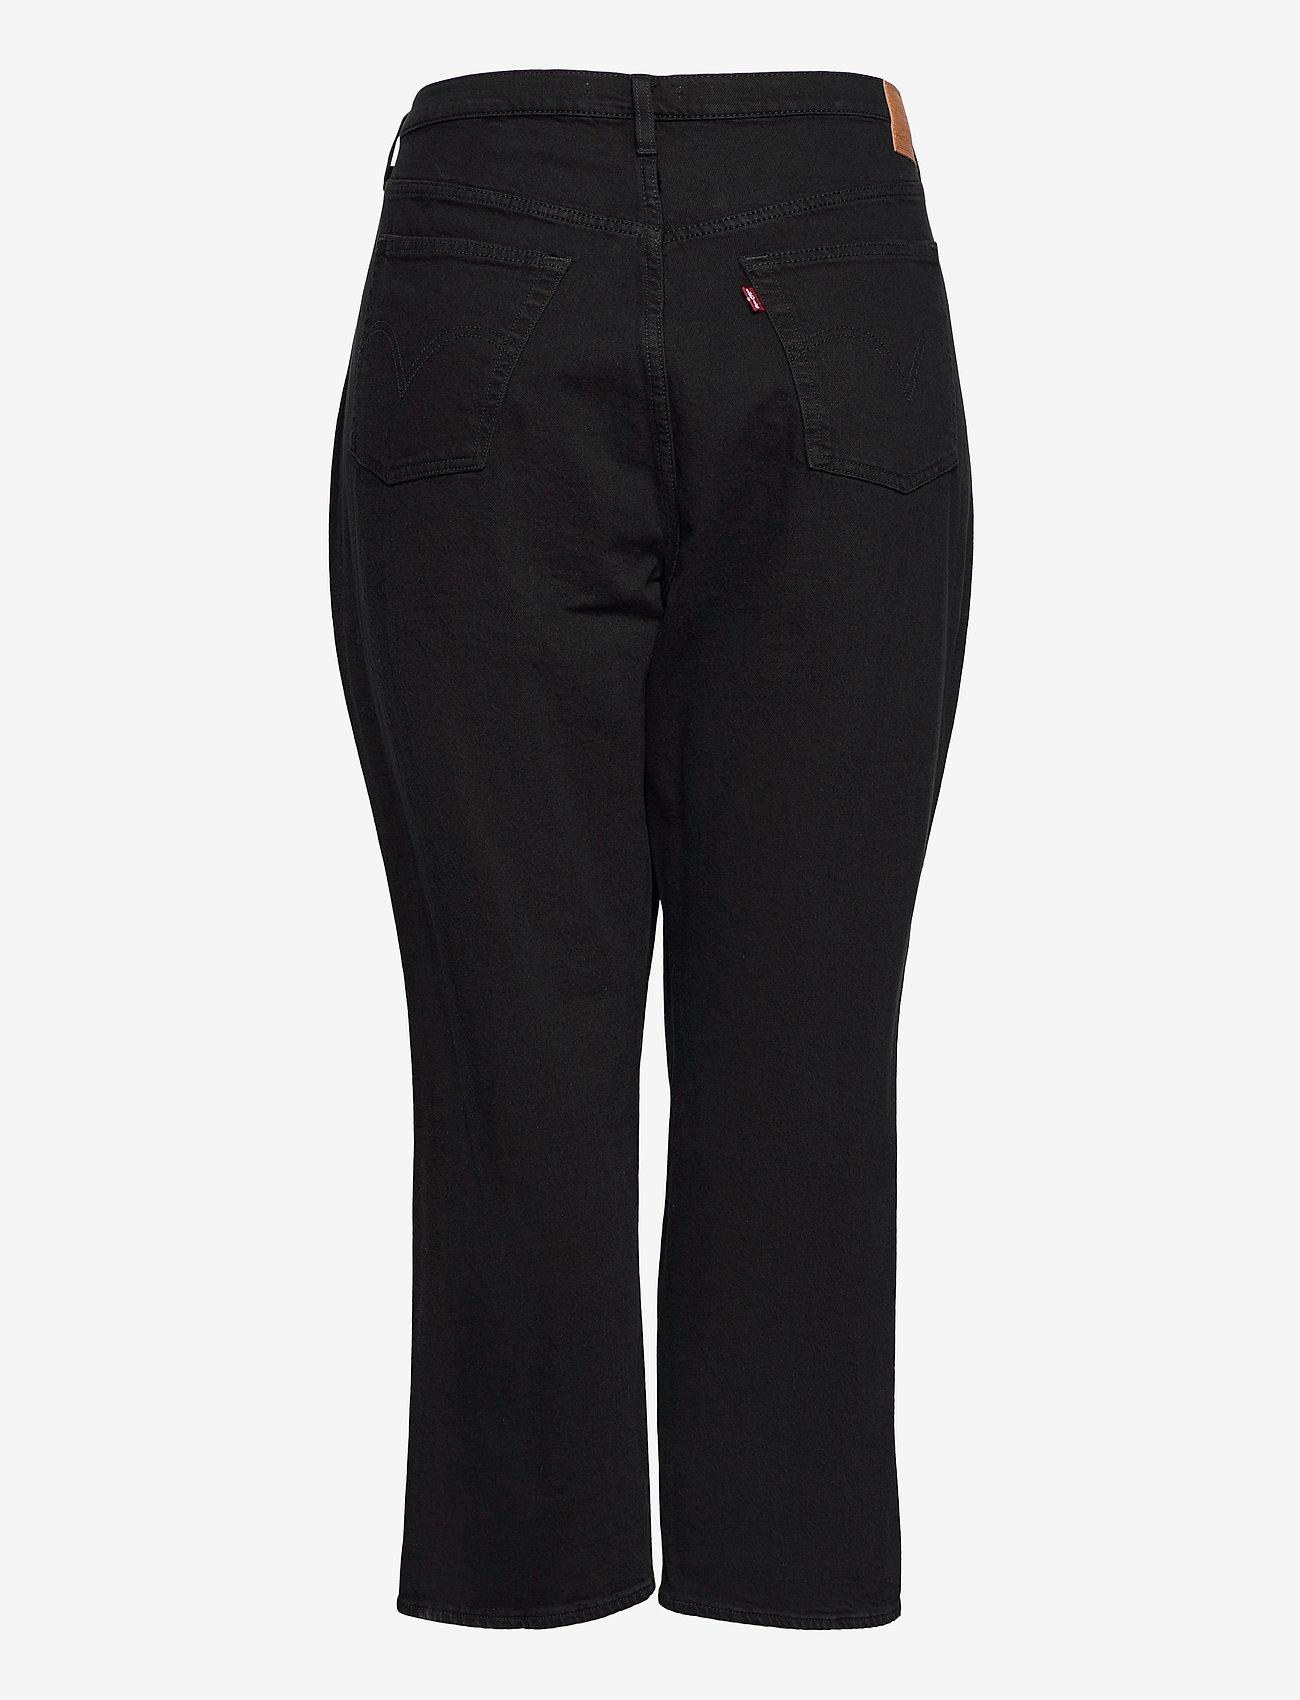 Levi's Plus Size - PL RIBCAGE STRAIGHT ANK BLACK - raka jeans - blacks - 1